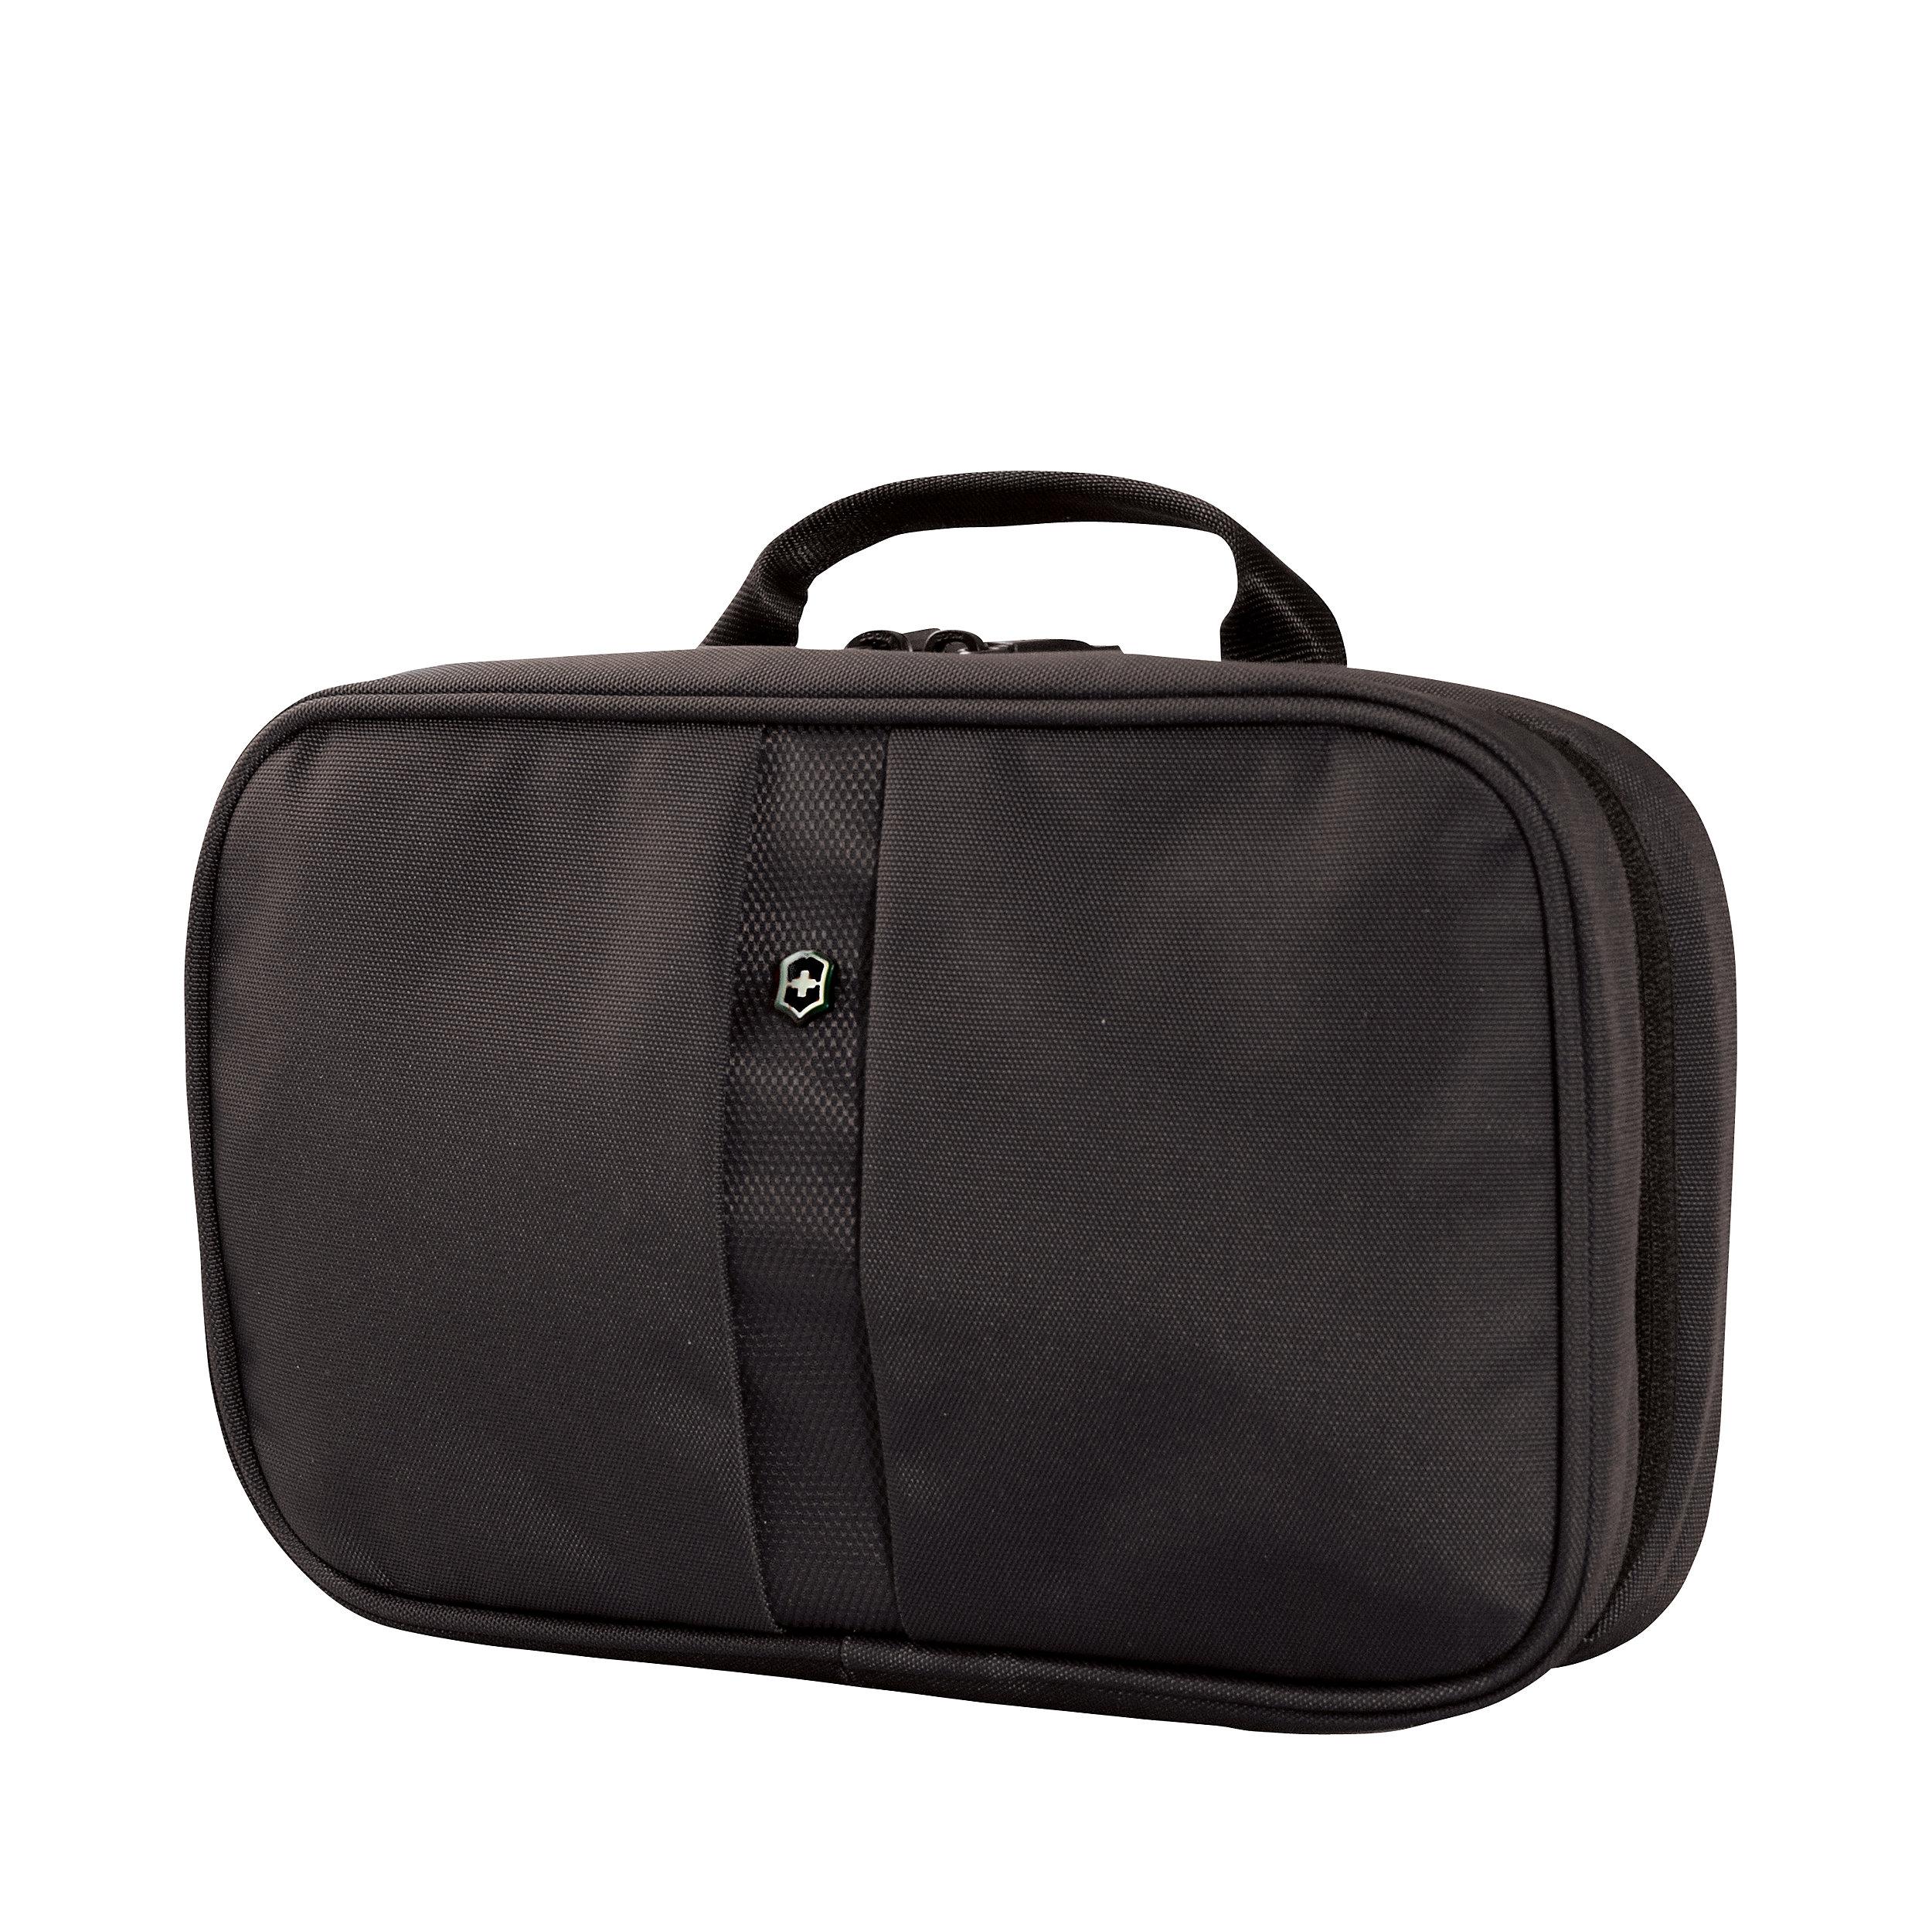 Kosmetiktasche Zip-Around Travel Kit Lifestyle Accessories 4.0 4 Liter